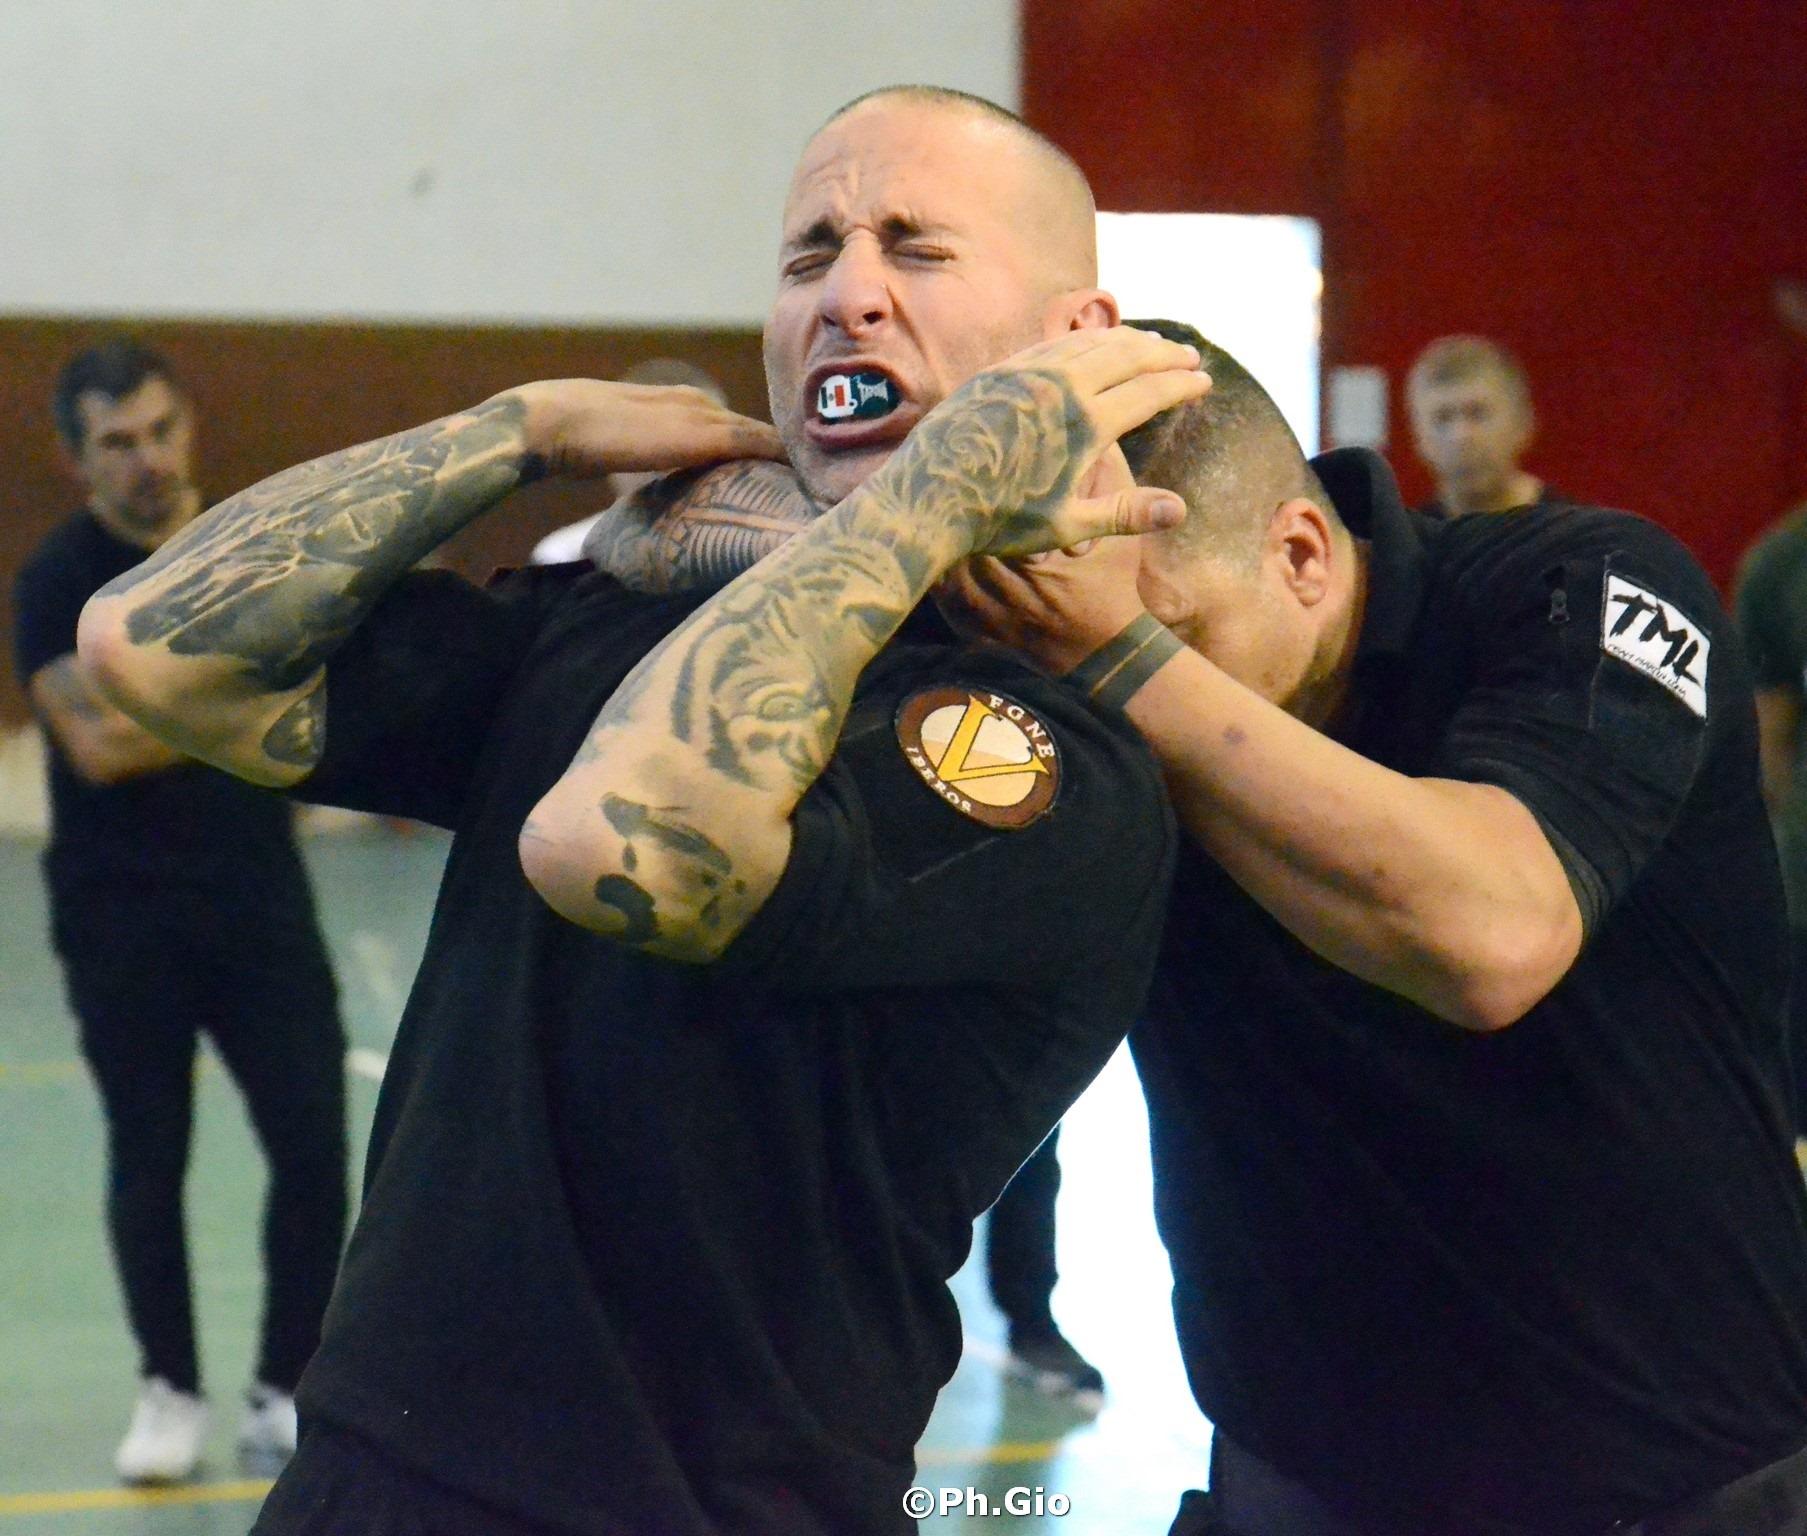 Daniel Garrido Antelo is choked by Martin Luna